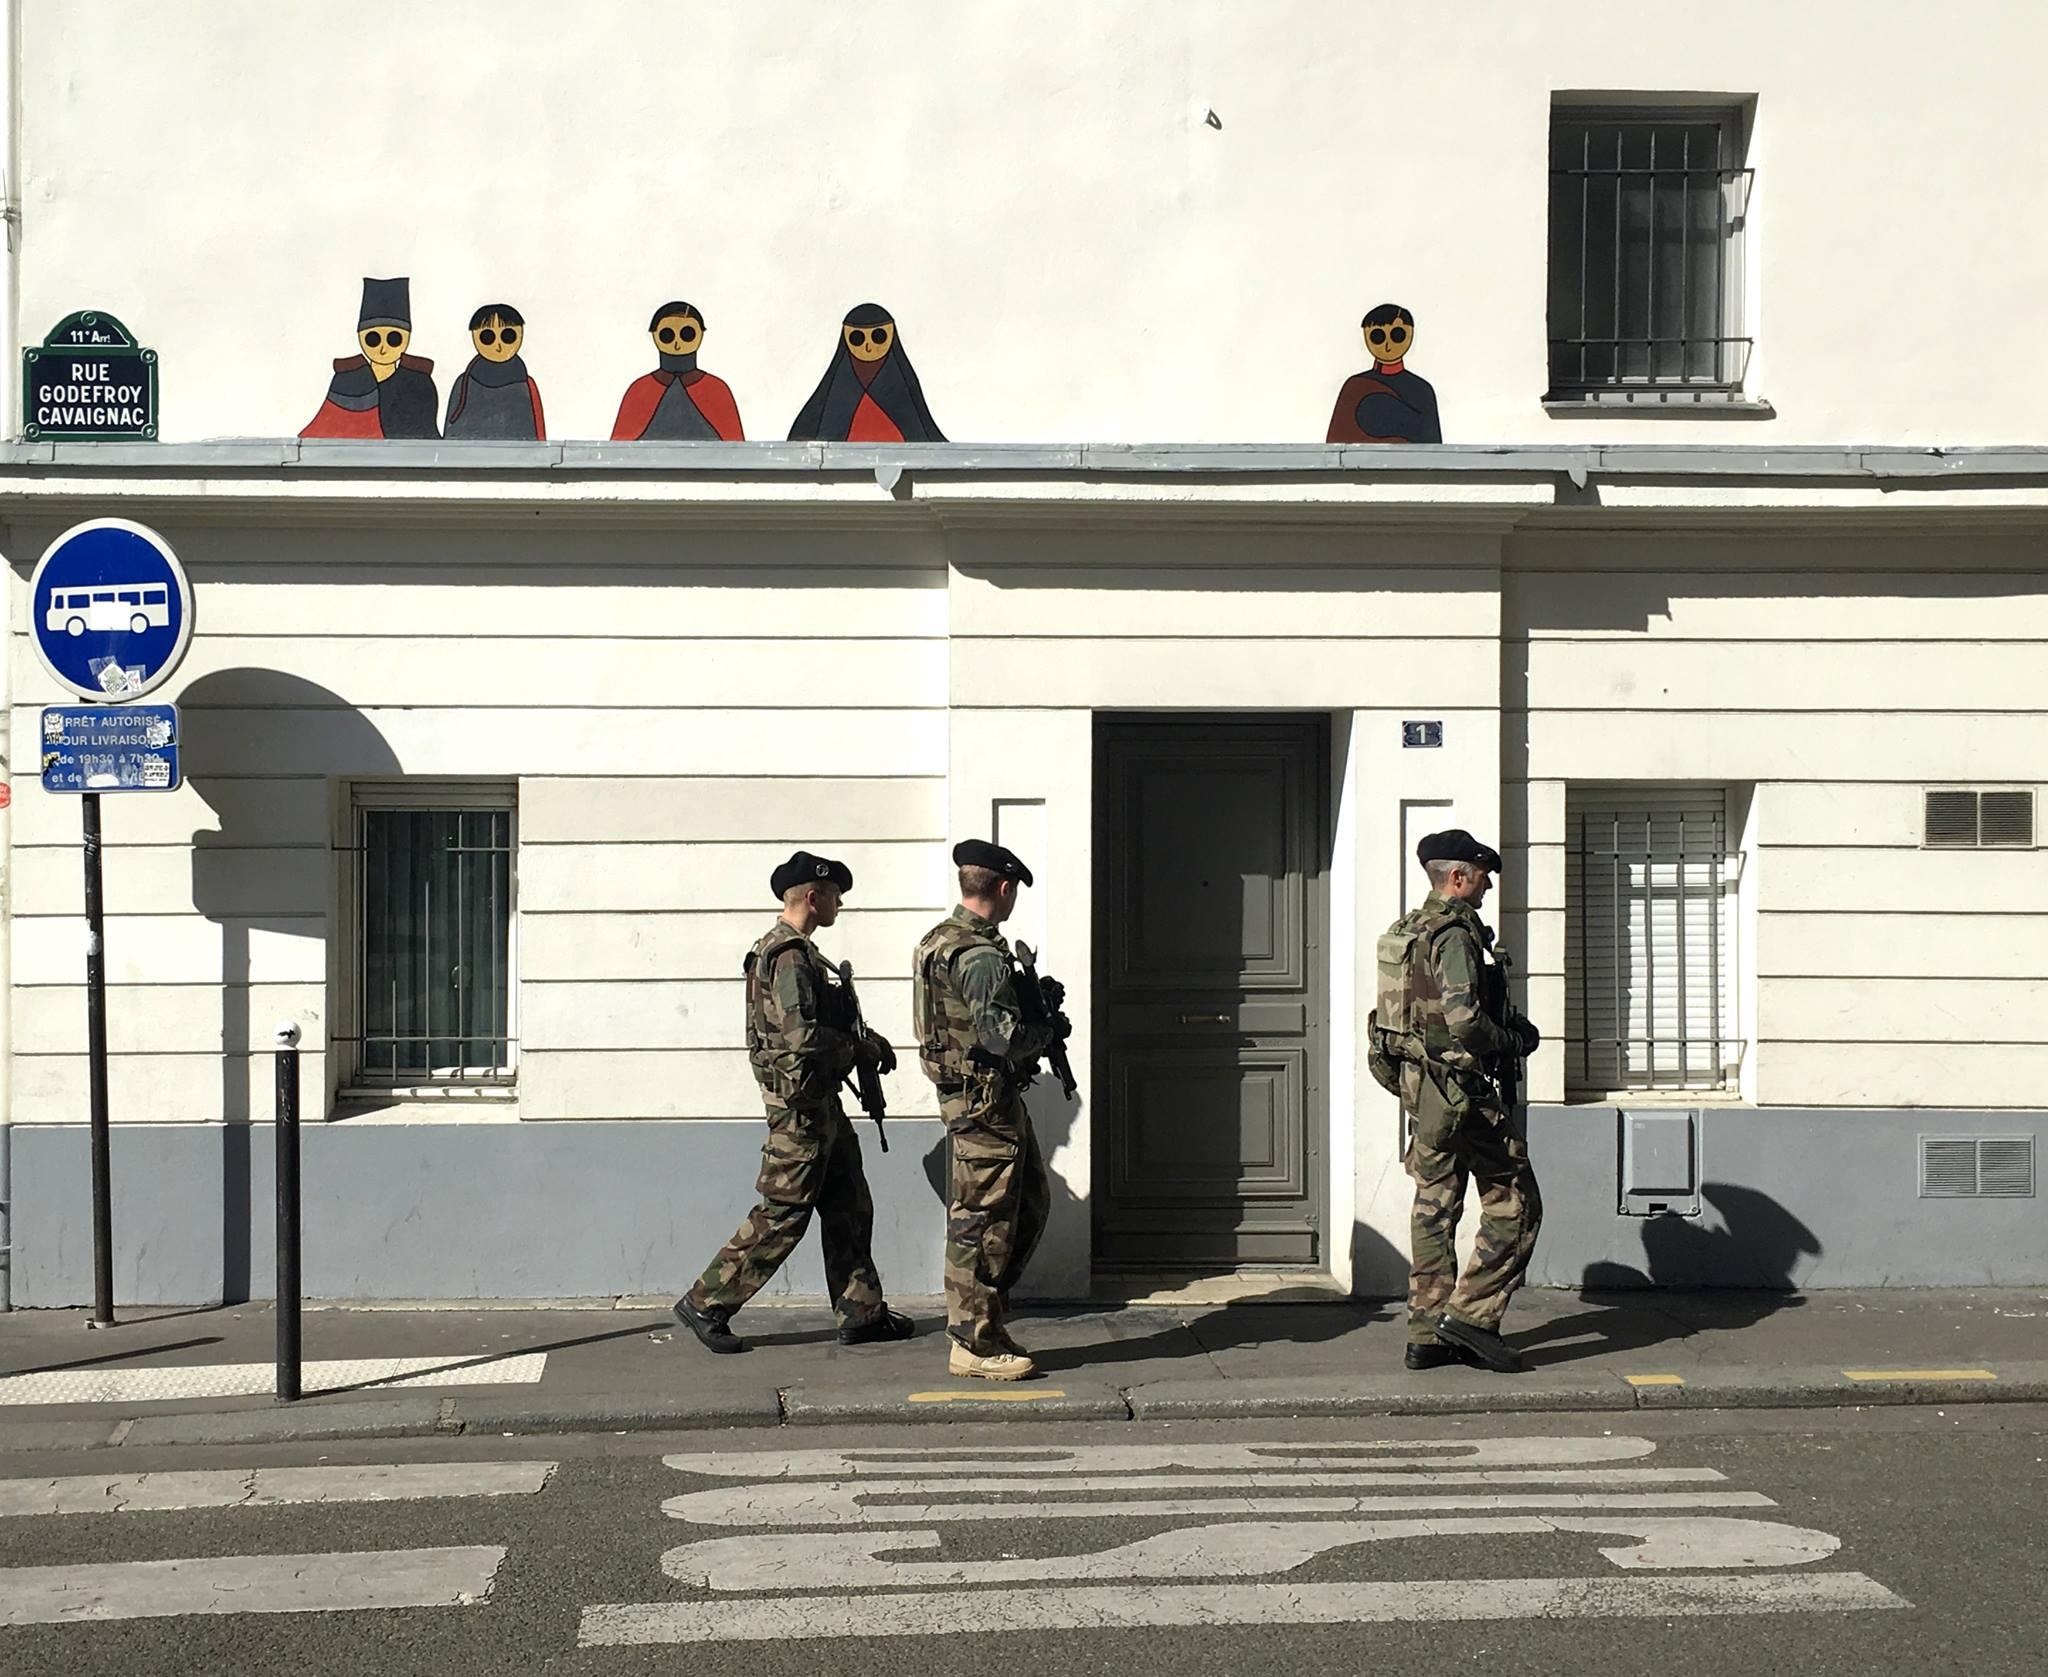 kamlaurene-street-art-paris-75011-personnages-yeux-noirs-militaires